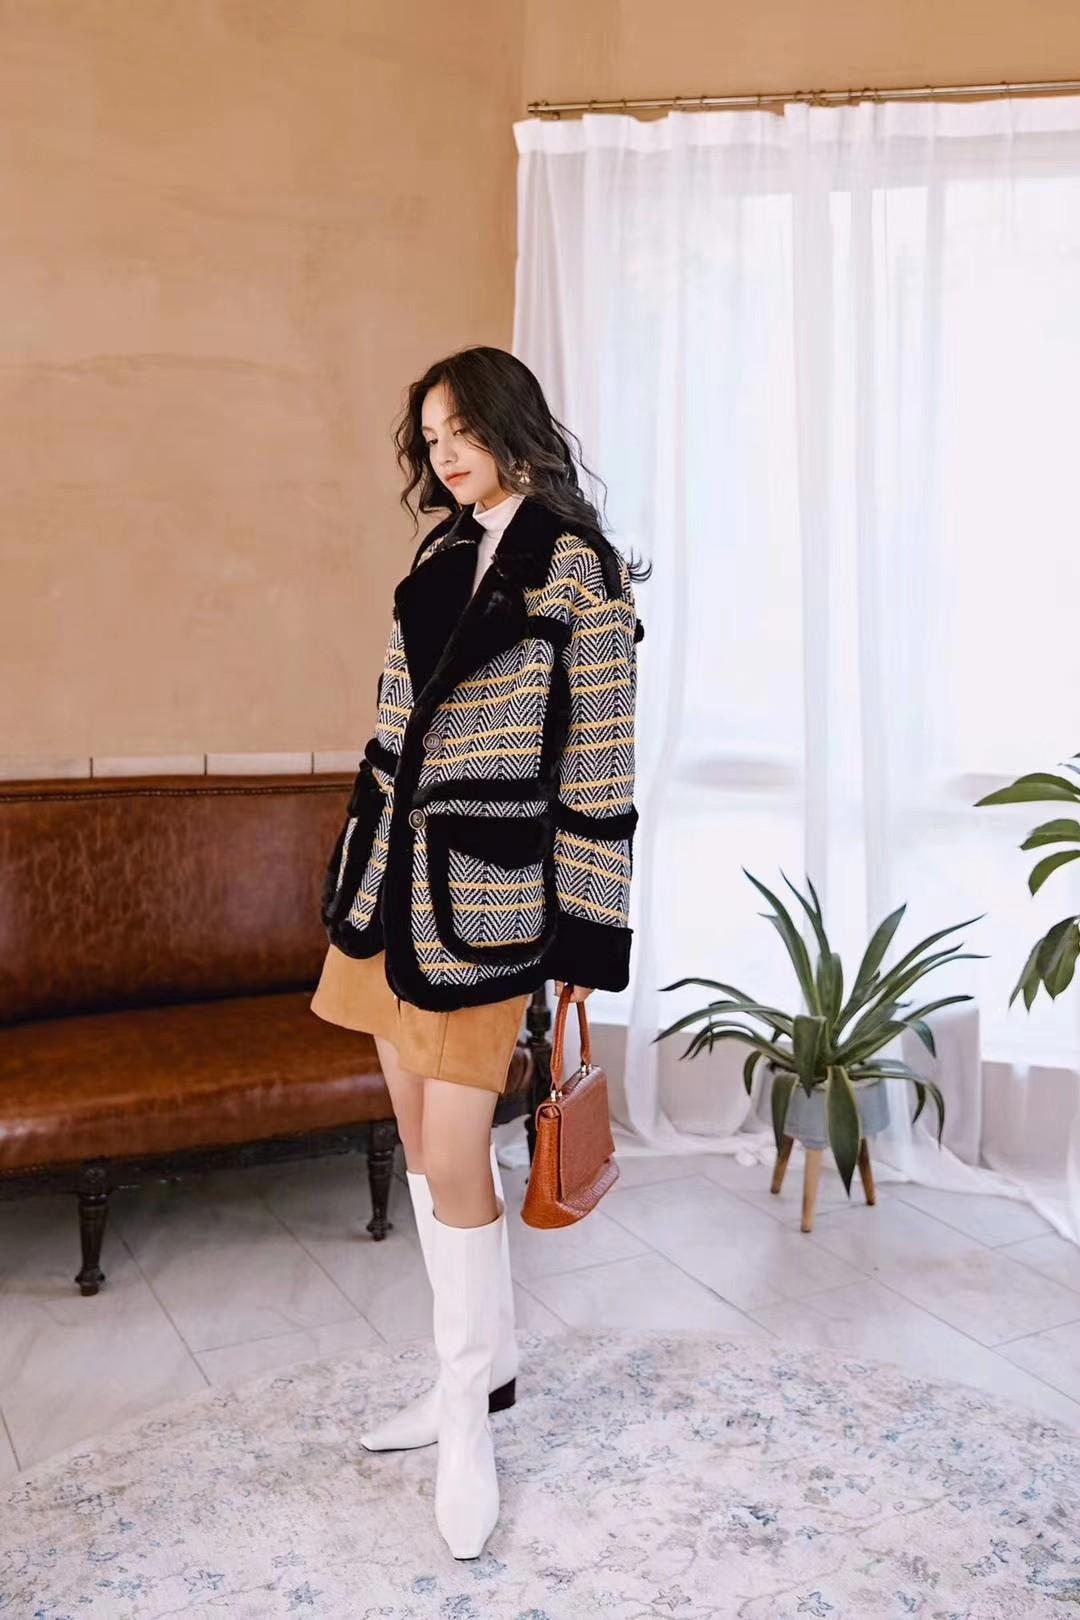 黄格子复合黑毛外套 经典的格纹拼接纯色,大气的黑色边拼接设计,超具时尚感感,回头率超高!百搭的棕色+黑色,色调整体非常统一和谐,让衣服更适合亚洲人的白皮。黑色的大翻领,干净利落的显示出女人的强大气质感。整个外套黑色的使用,立体感更丰富,更像是一道独有的风景线,难以忘怀。宽松而大气的整体感觉又带满满高级感,而且很温暖的样子!#细数双11性价比外套#